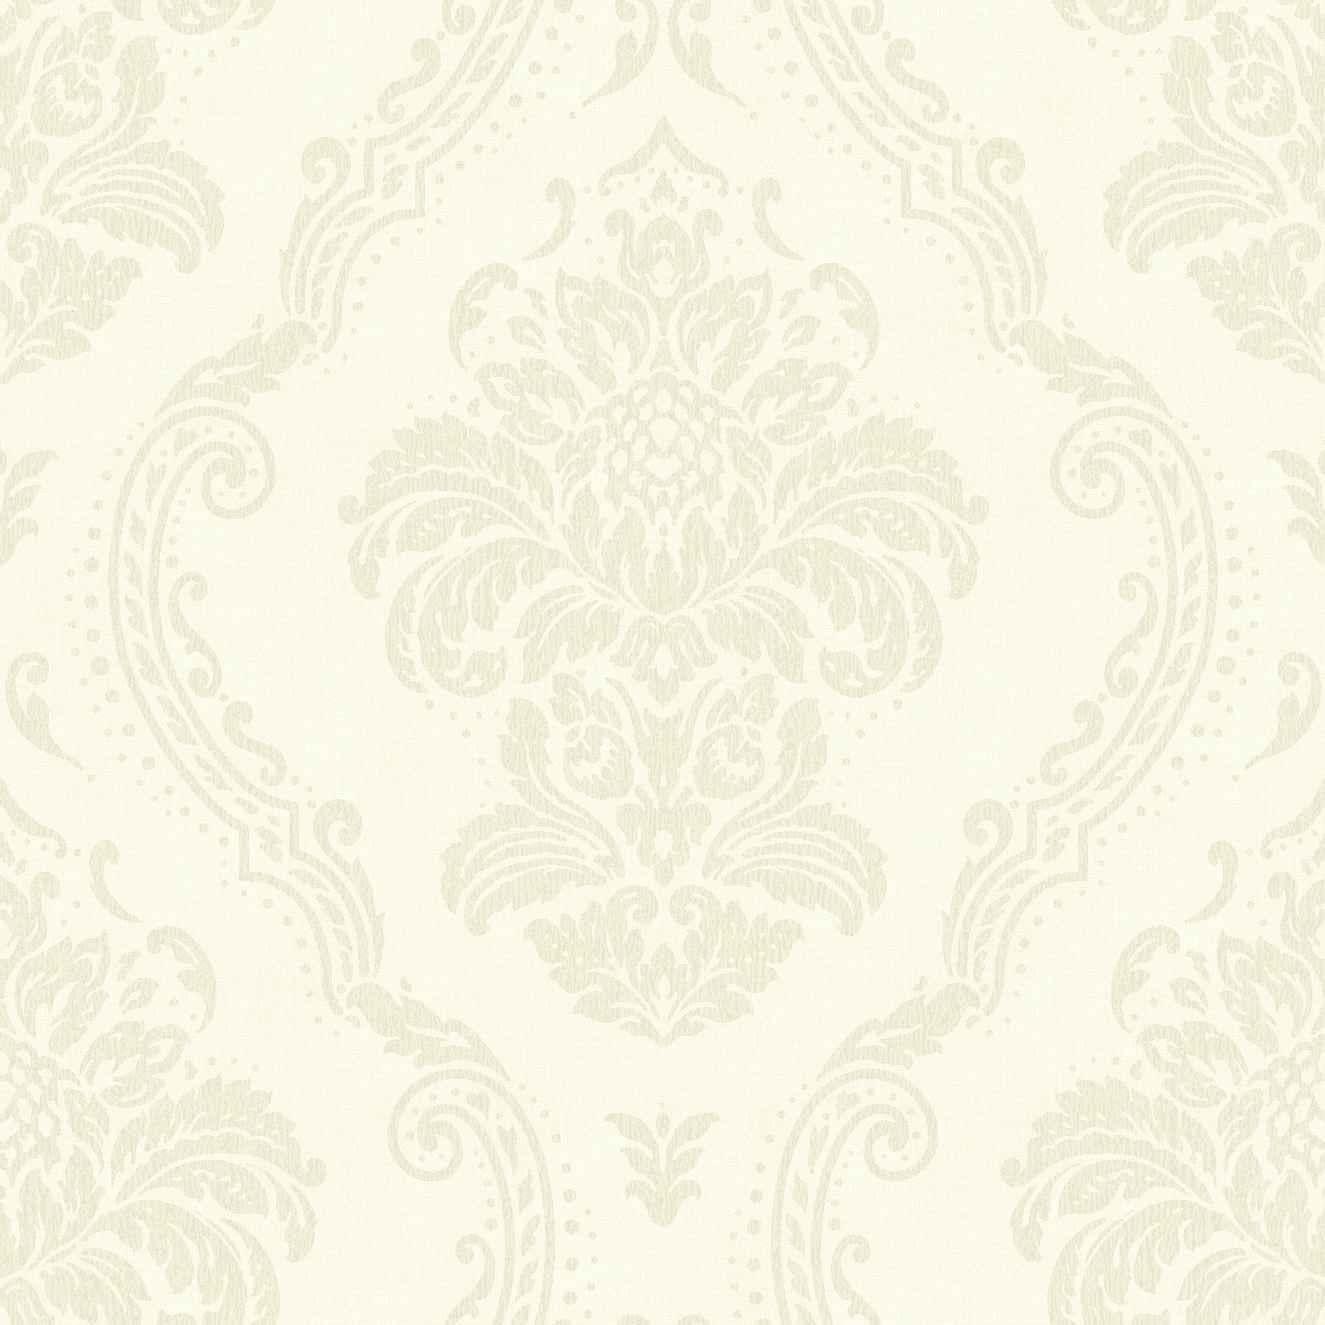 Английские обои Arthouse,  коллекция Scintillio, артикул290203